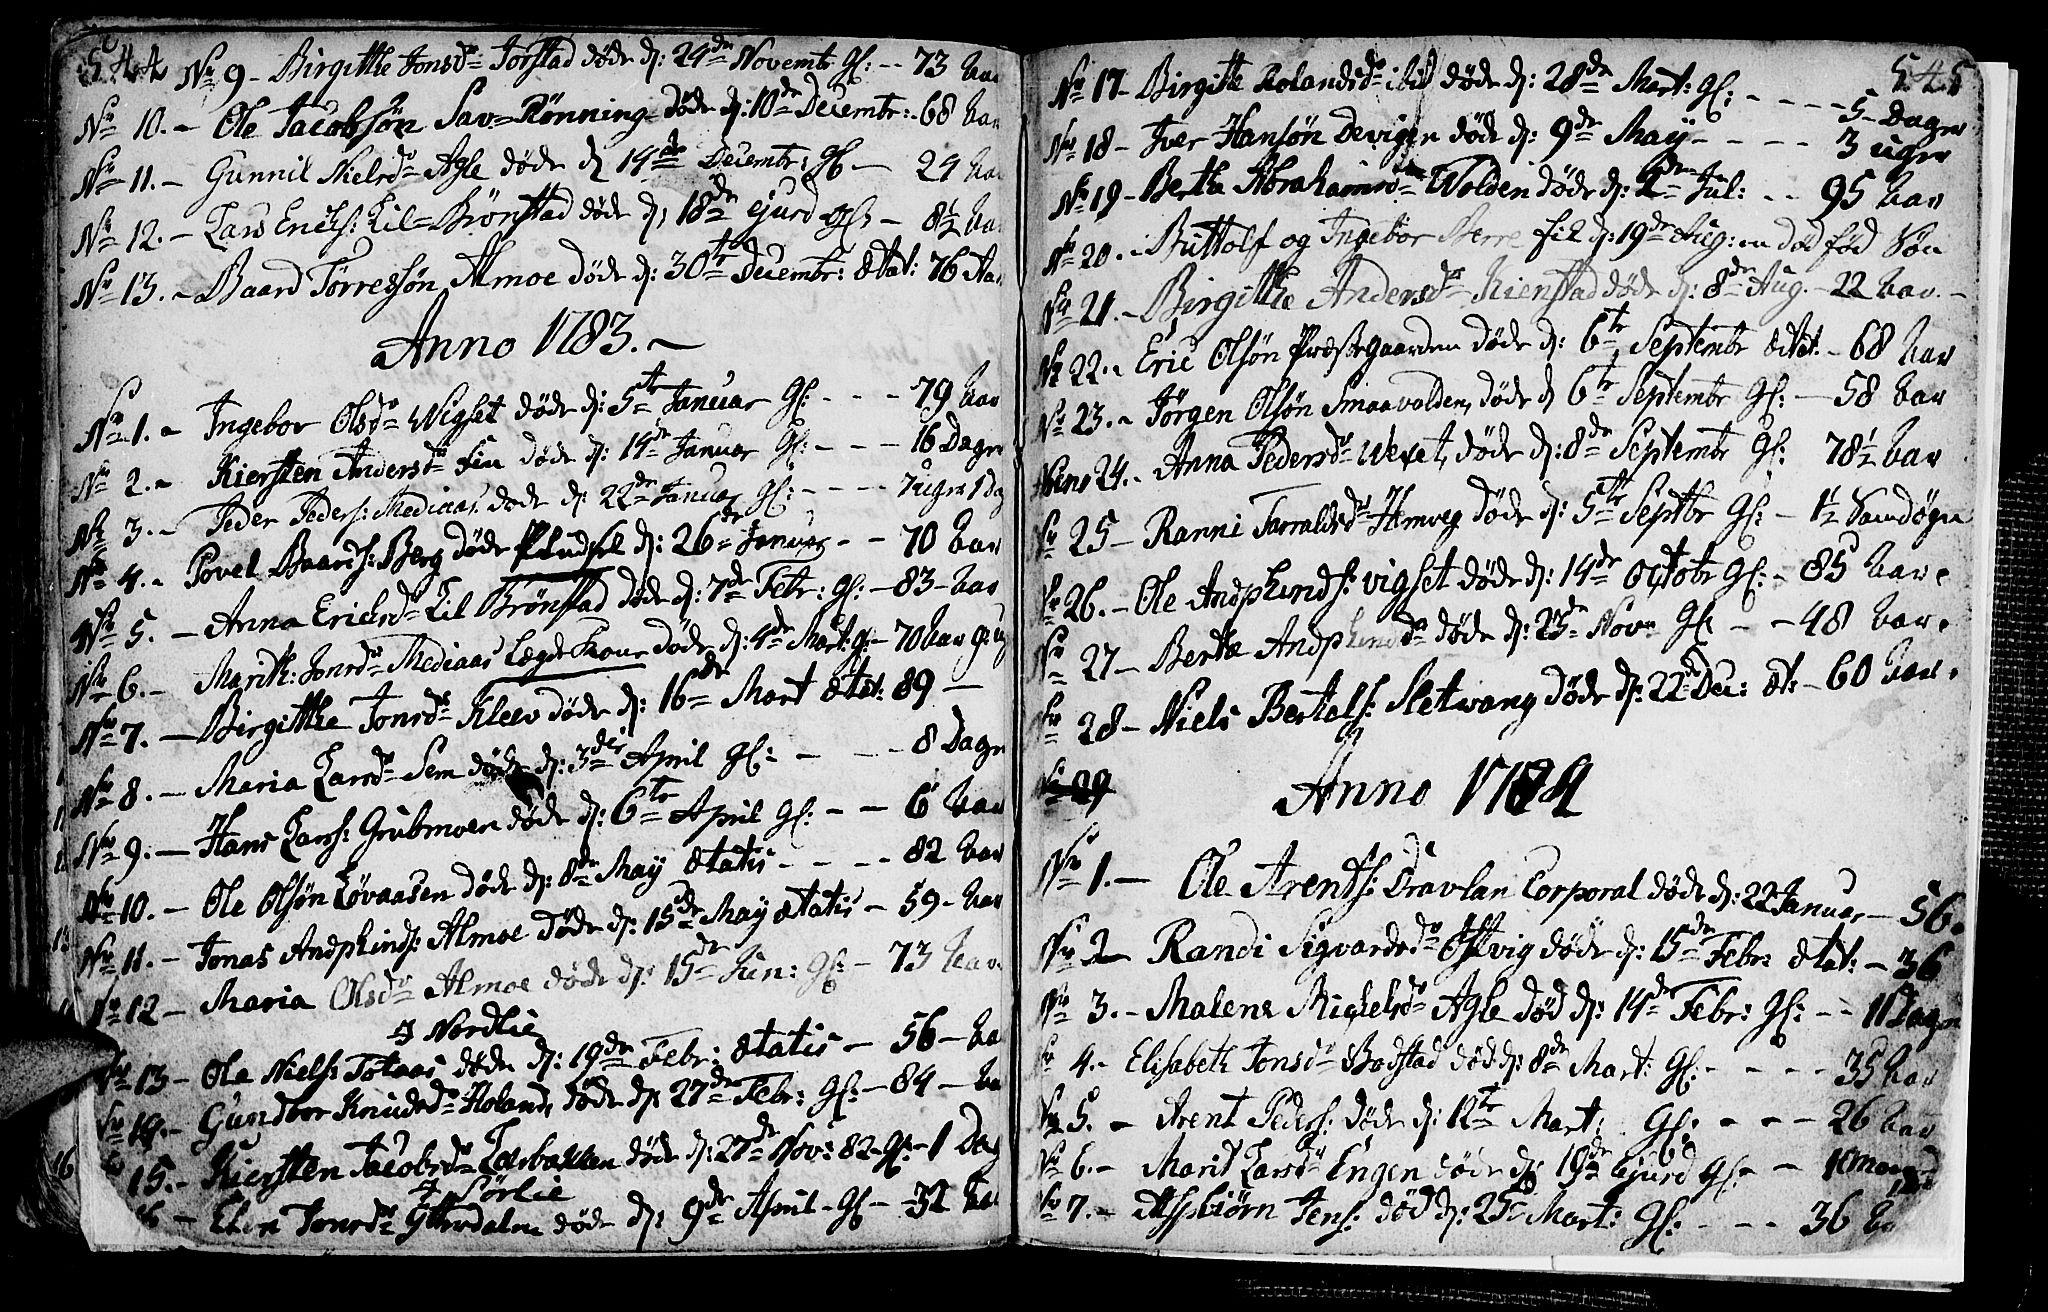 SAT, Ministerialprotokoller, klokkerbøker og fødselsregistre - Nord-Trøndelag, 749/L0467: Ministerialbok nr. 749A01, 1733-1787, s. 544-545